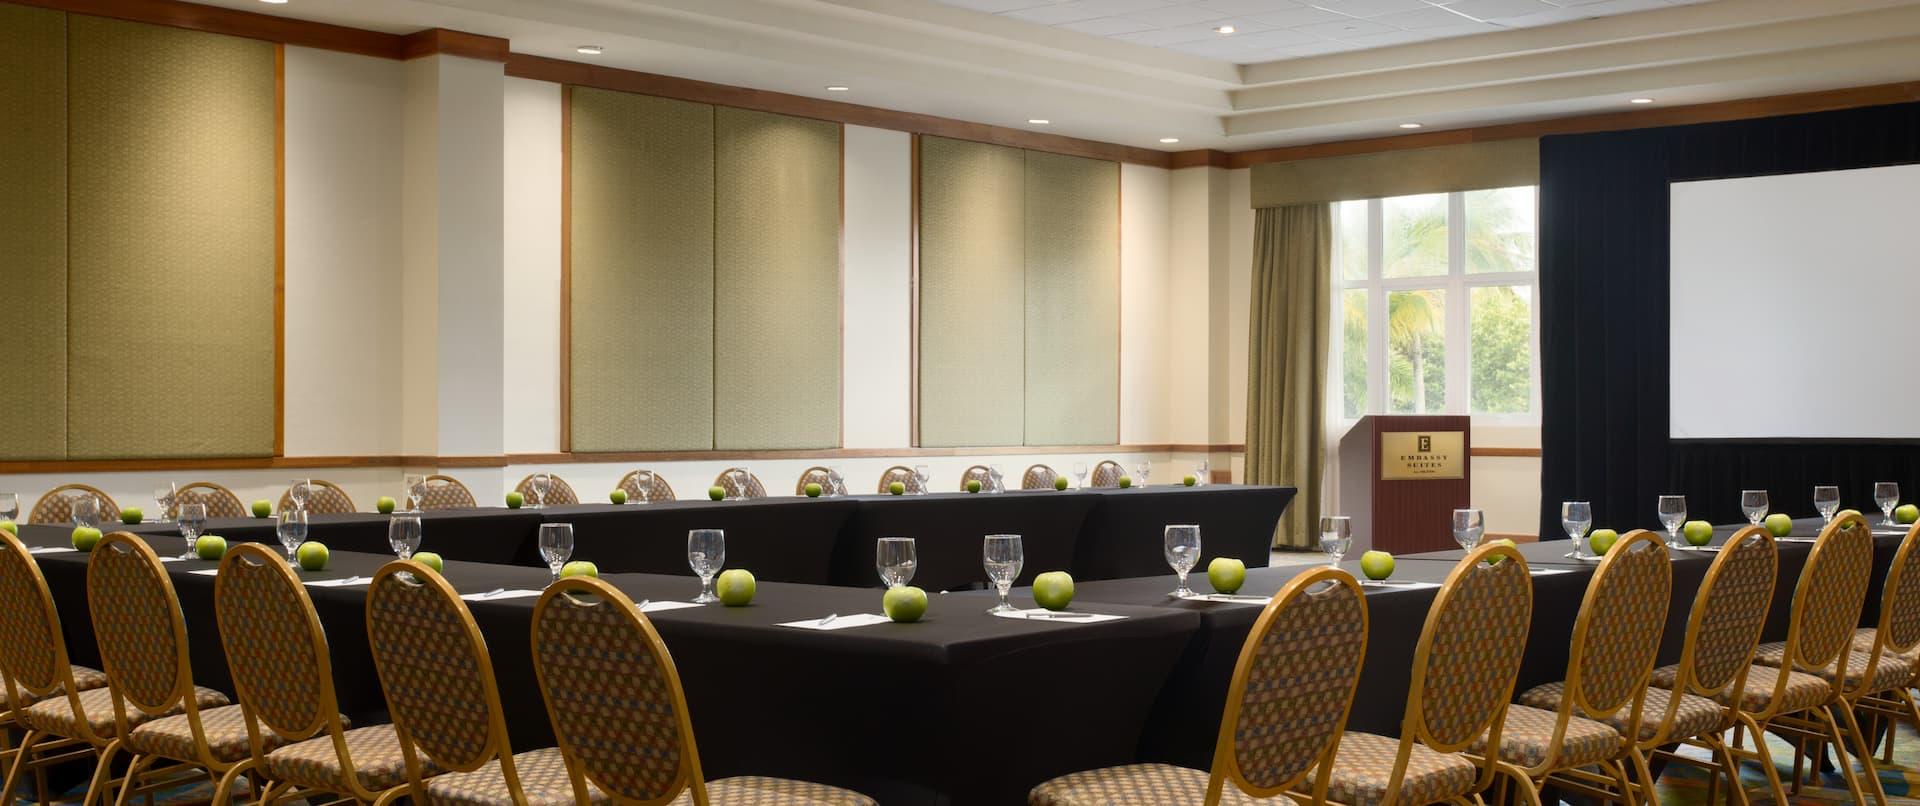 Ballroom Area with U-Shape Table Layout